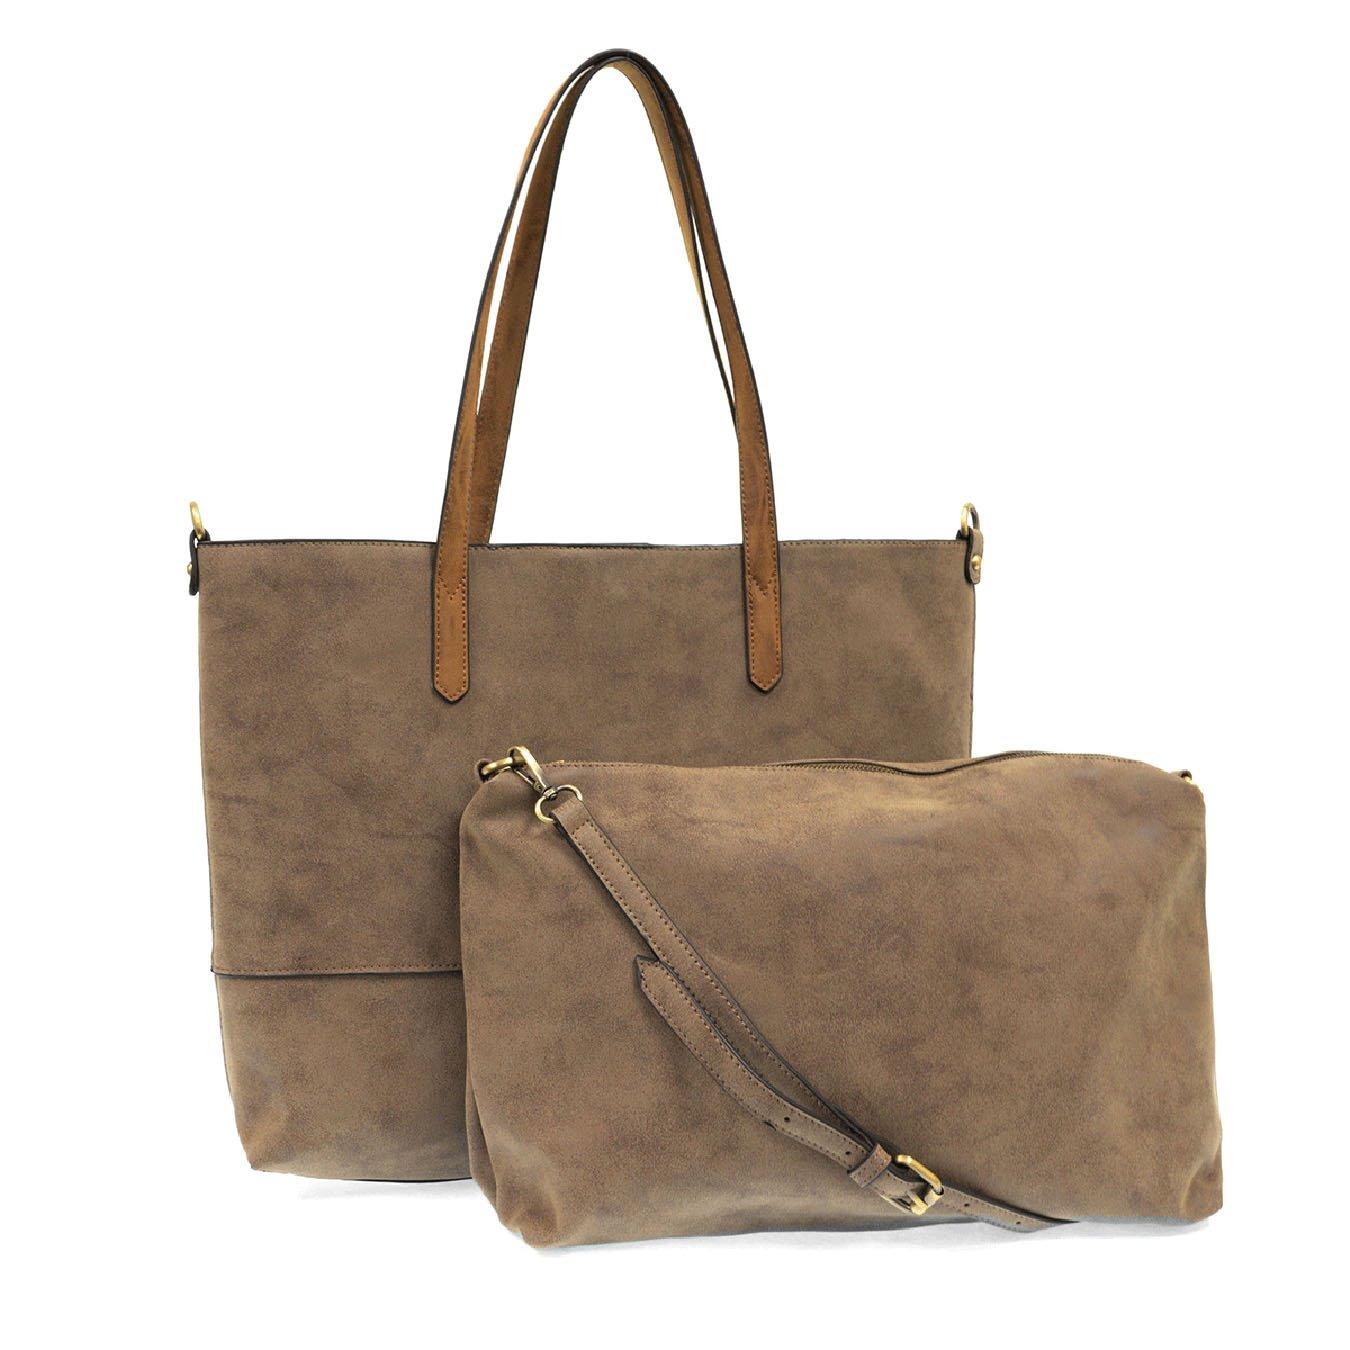 All Joy Susan Bags